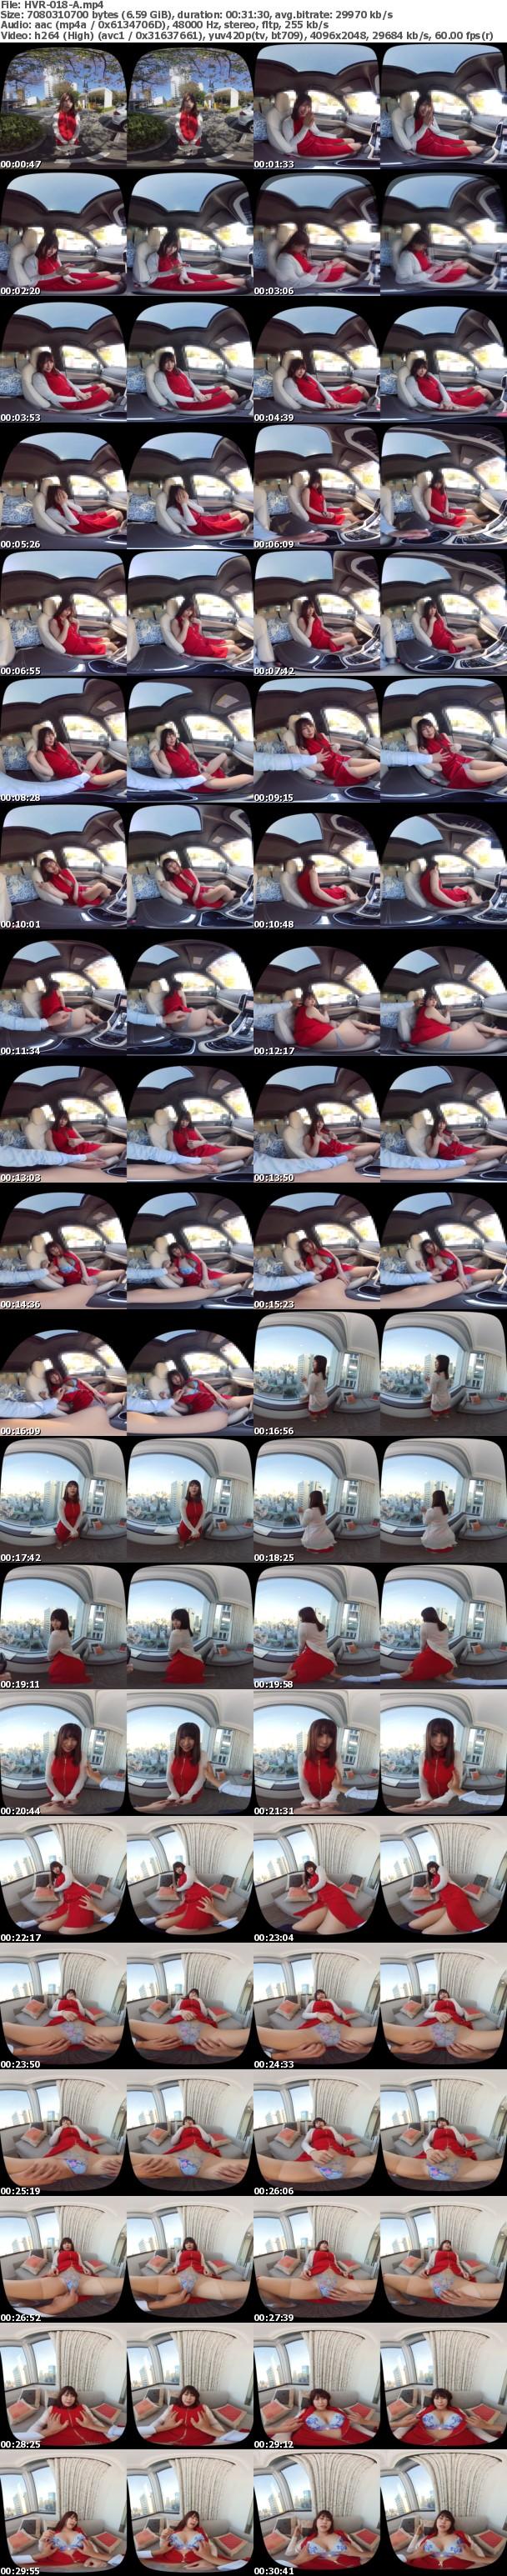 (VR) HVR-018 【野外露出×個撮ハメ撮り】スウェーデンハーフ美女のずっしりIカップ美爆乳が目の前で暴れ狂う!男の下半身をムズムズさせる肉感BODYエステティシャンに中出し!!